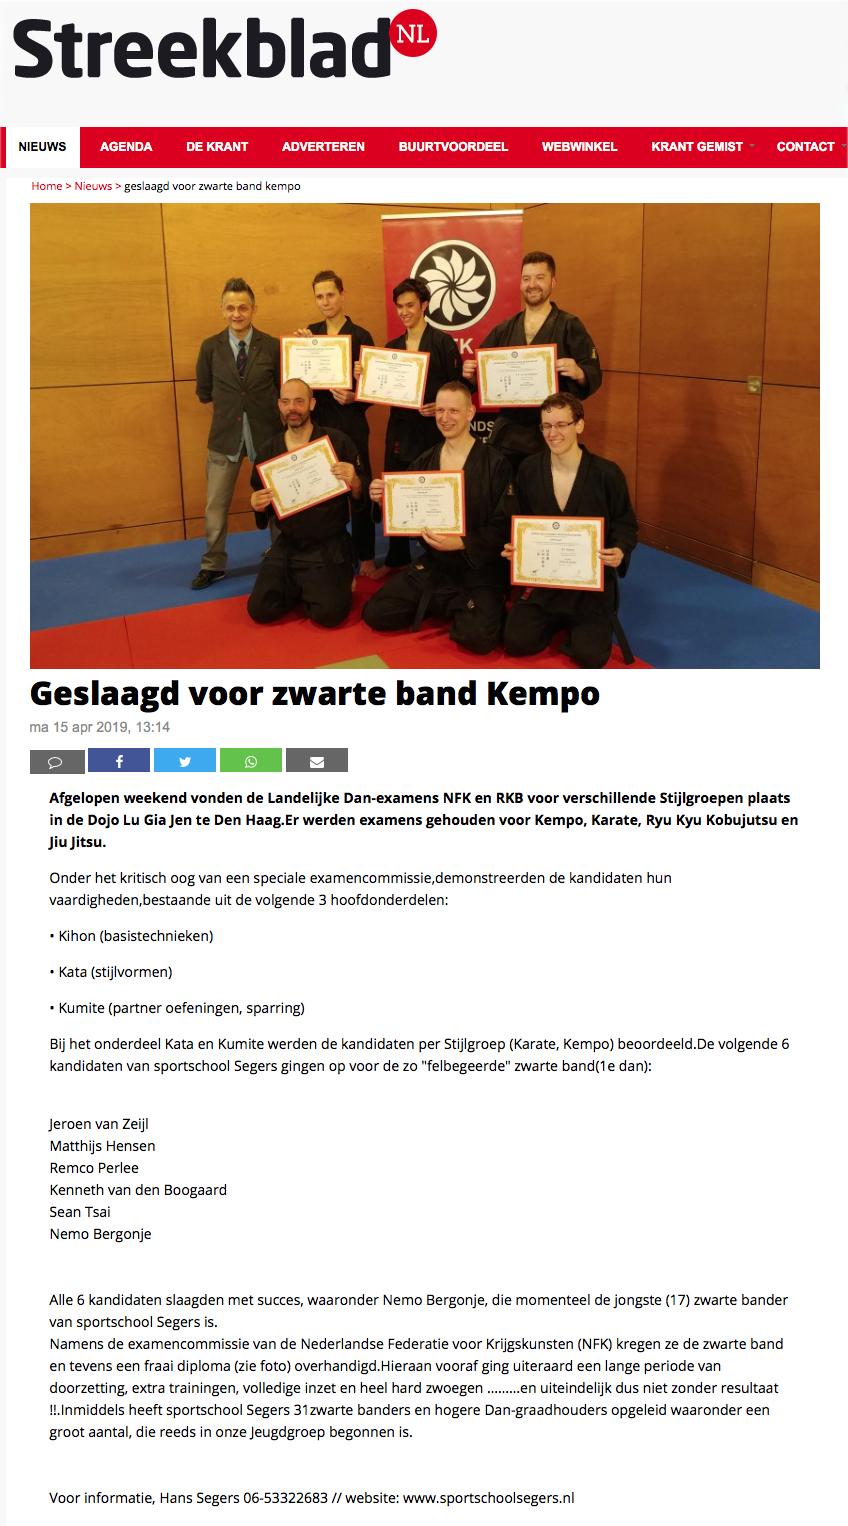 2019-04-15 Streekblad Geslaagd voor Zwarte Band Kempo Edit.jpg